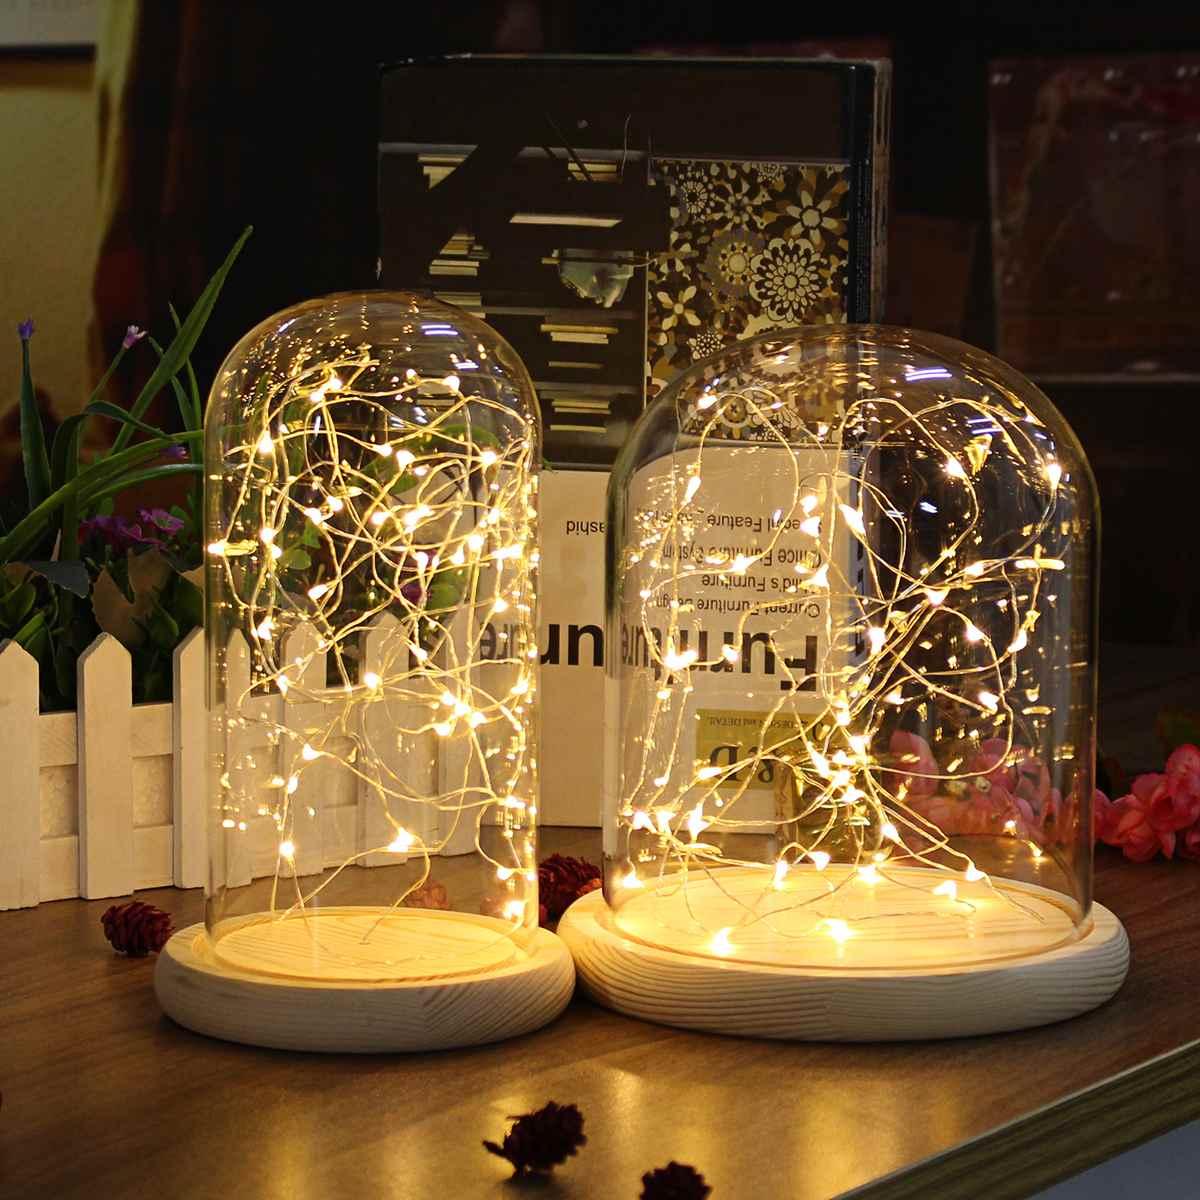 Blume Glas Vase LED Glas Display Dome Globus Box Flaschen W/Holz Basis Blume Landschaft Halter Nacht Licht Decor für Hochzeit